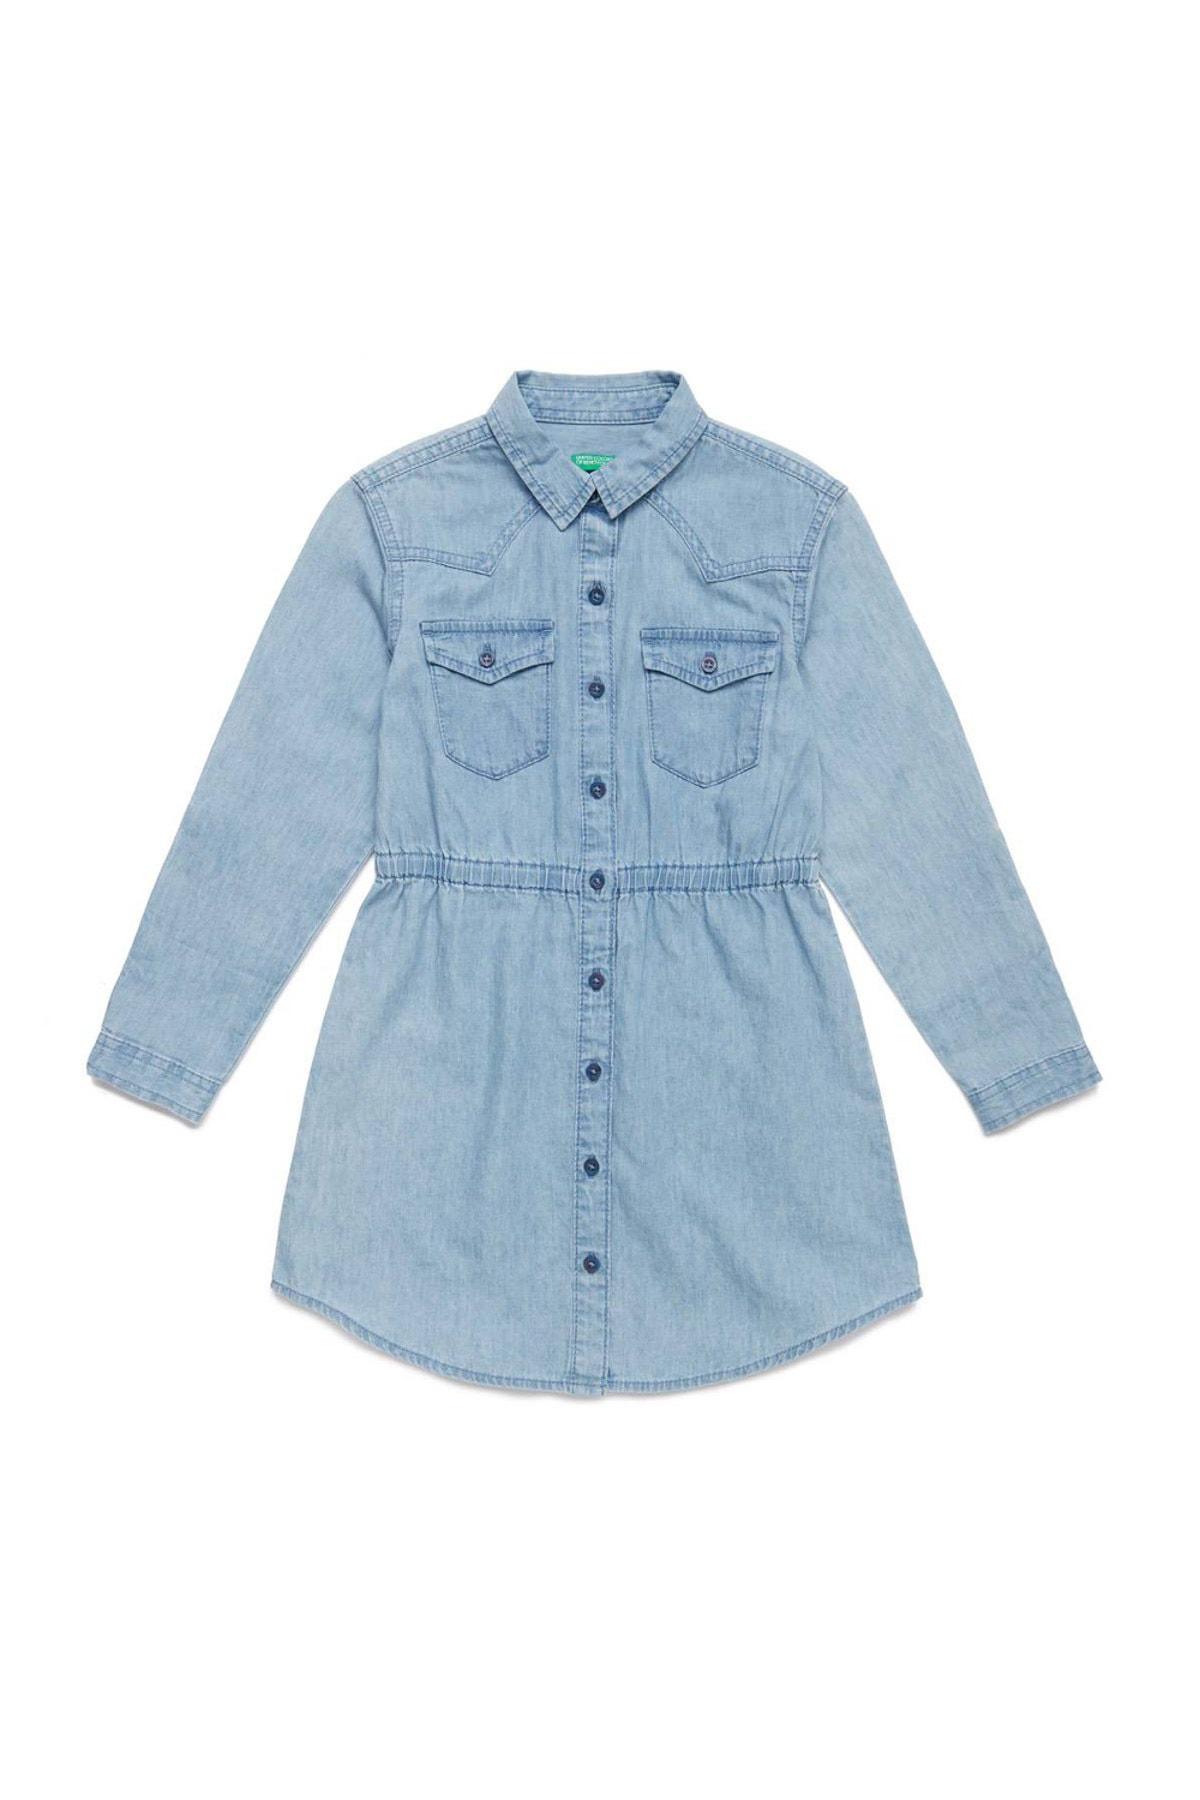 Açık Denim Çocuk Jean Gömlek Elbise